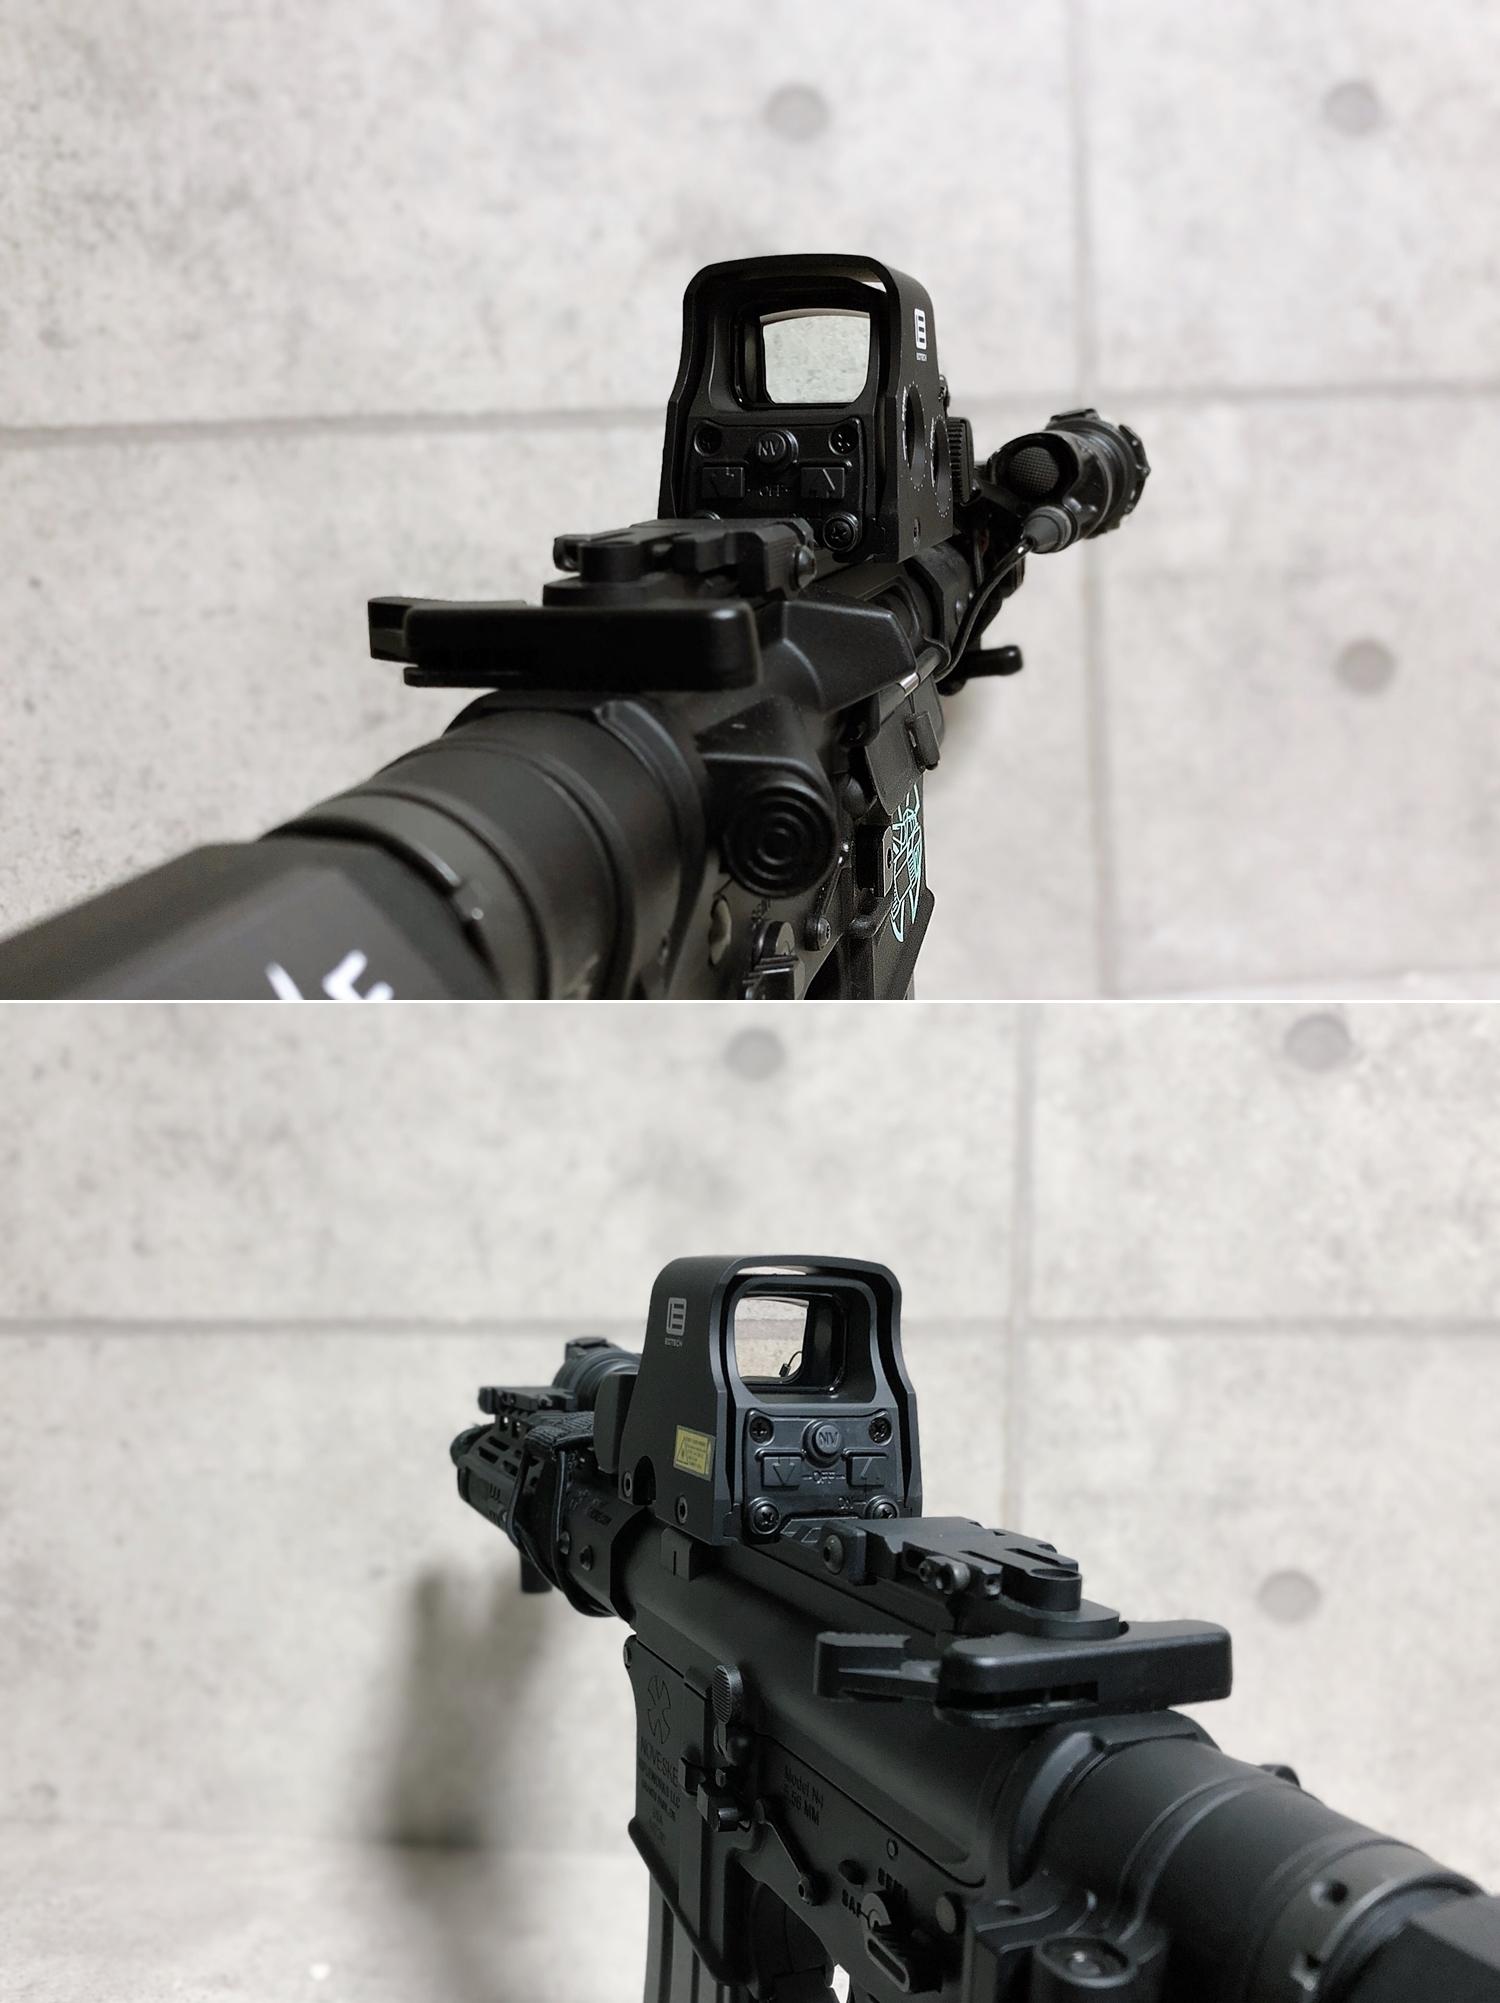 18 実物 EOTech XPS3-0 HOLOGRAPHIC SIGHT BLACK GET!! 次世代 M4 CQB-R カスタム 続編!! イオテック ホロサイト 購入 取付 レビュー!!